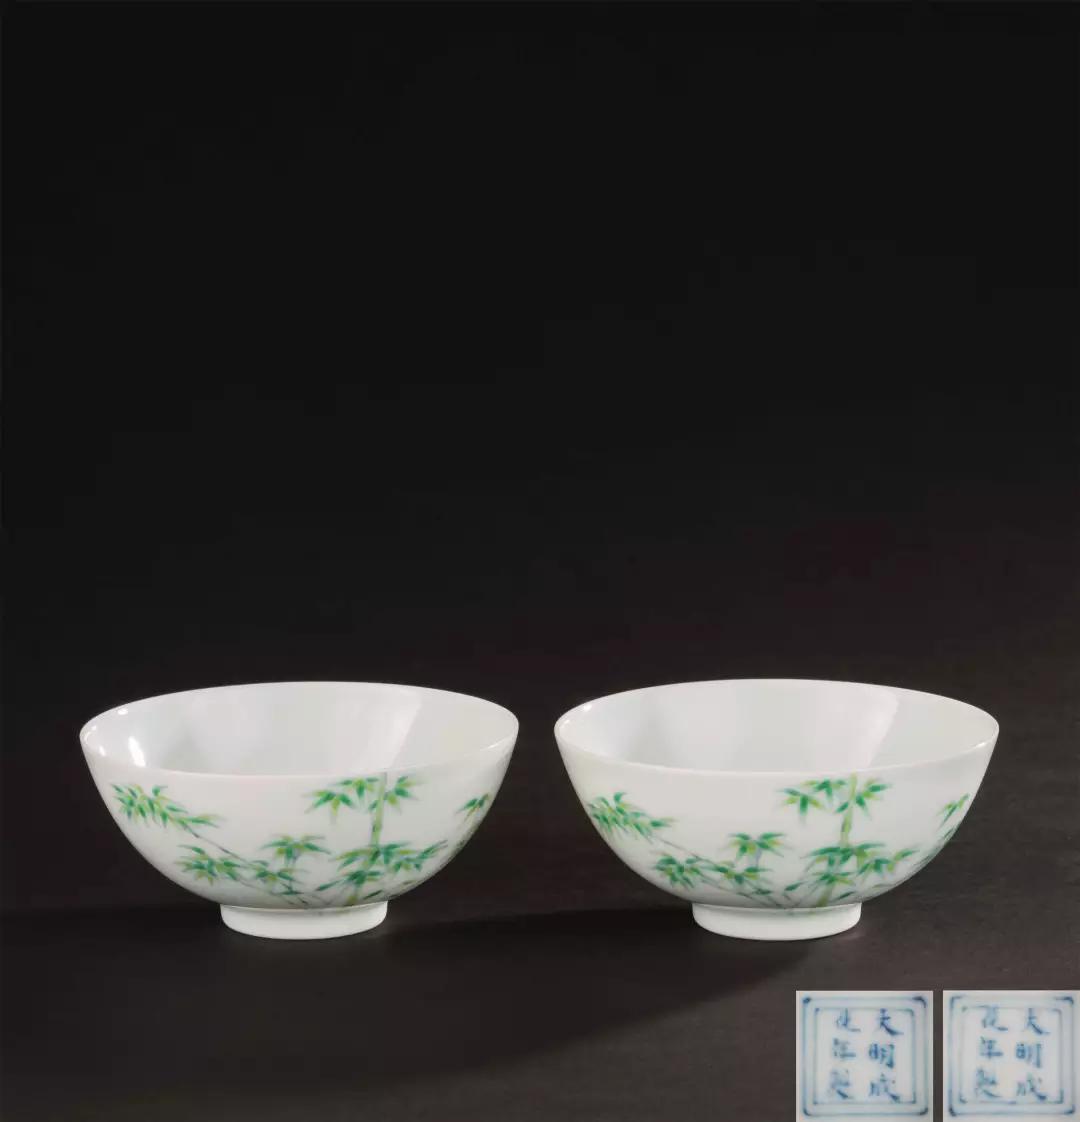 Lot 0071 清乾隆(1736-1795) 铜胎画珐琅兽耳婴戏图撇口瓶 (一对)